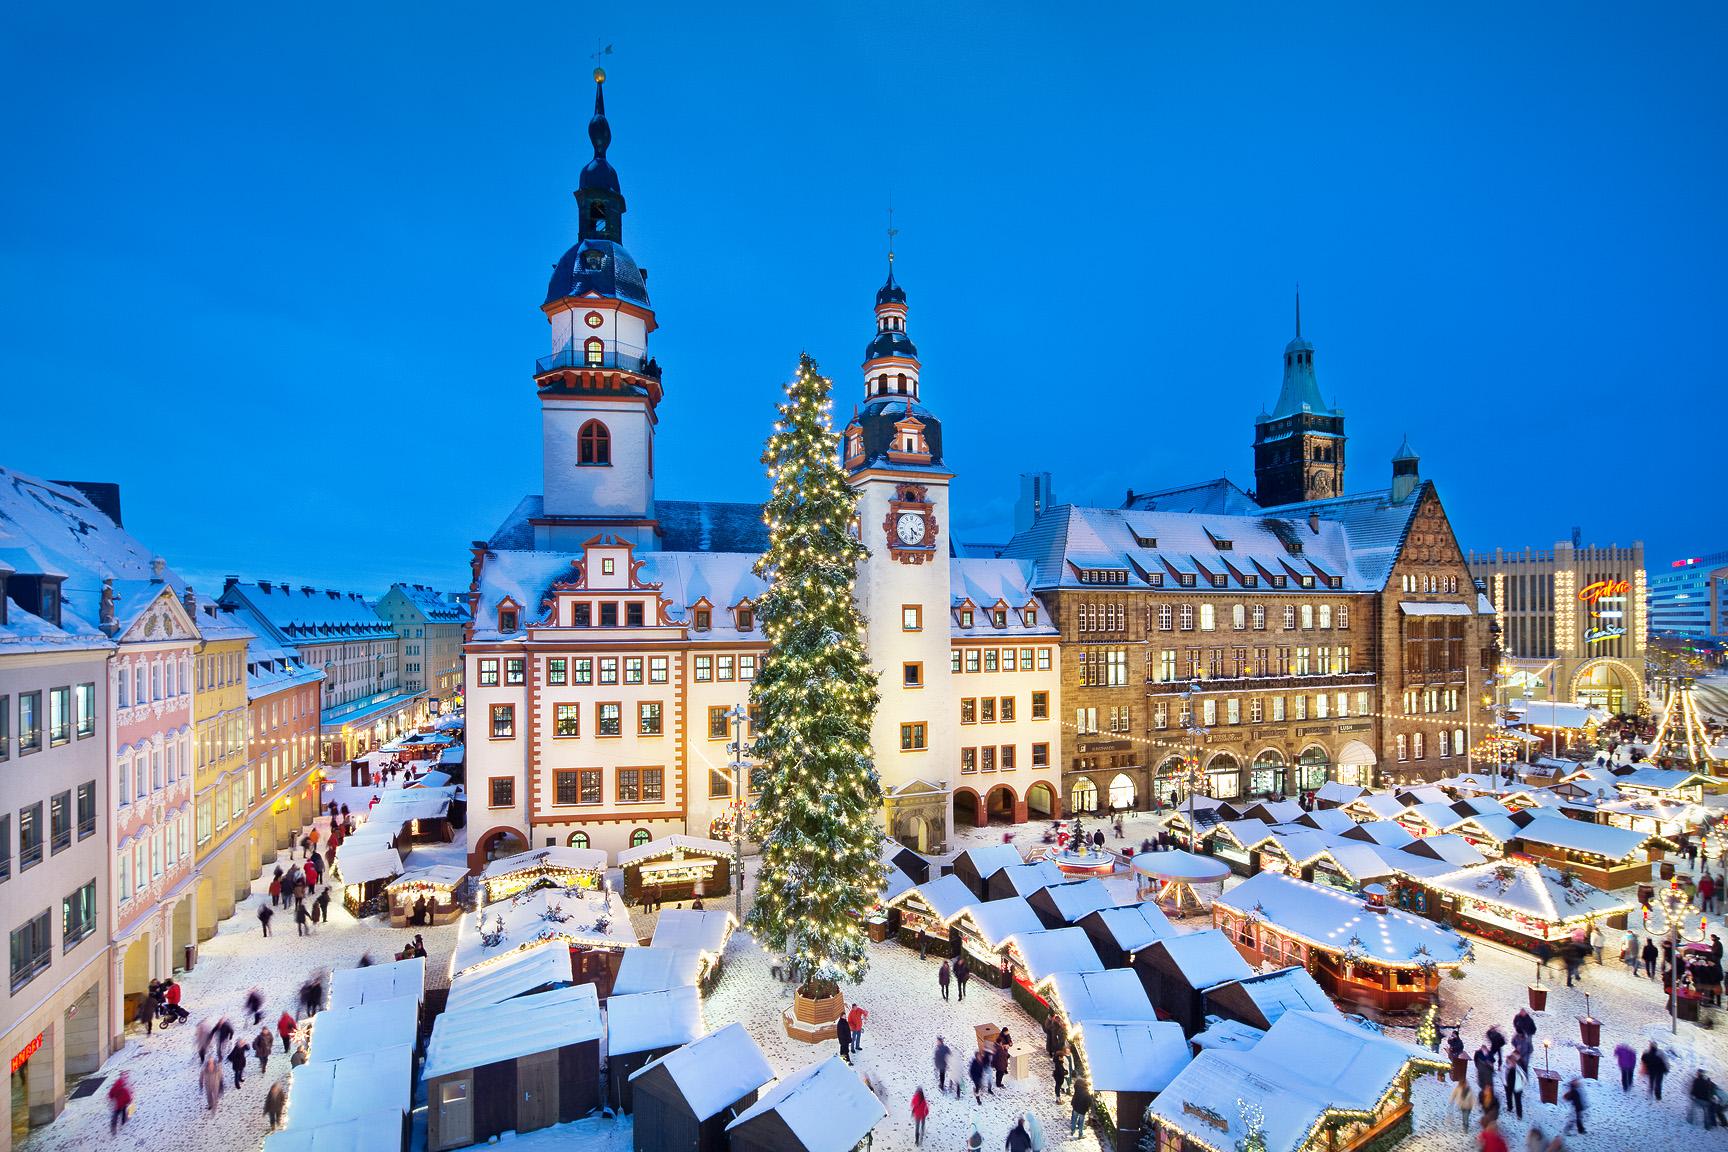 Christmas Market   City of Chemnitz